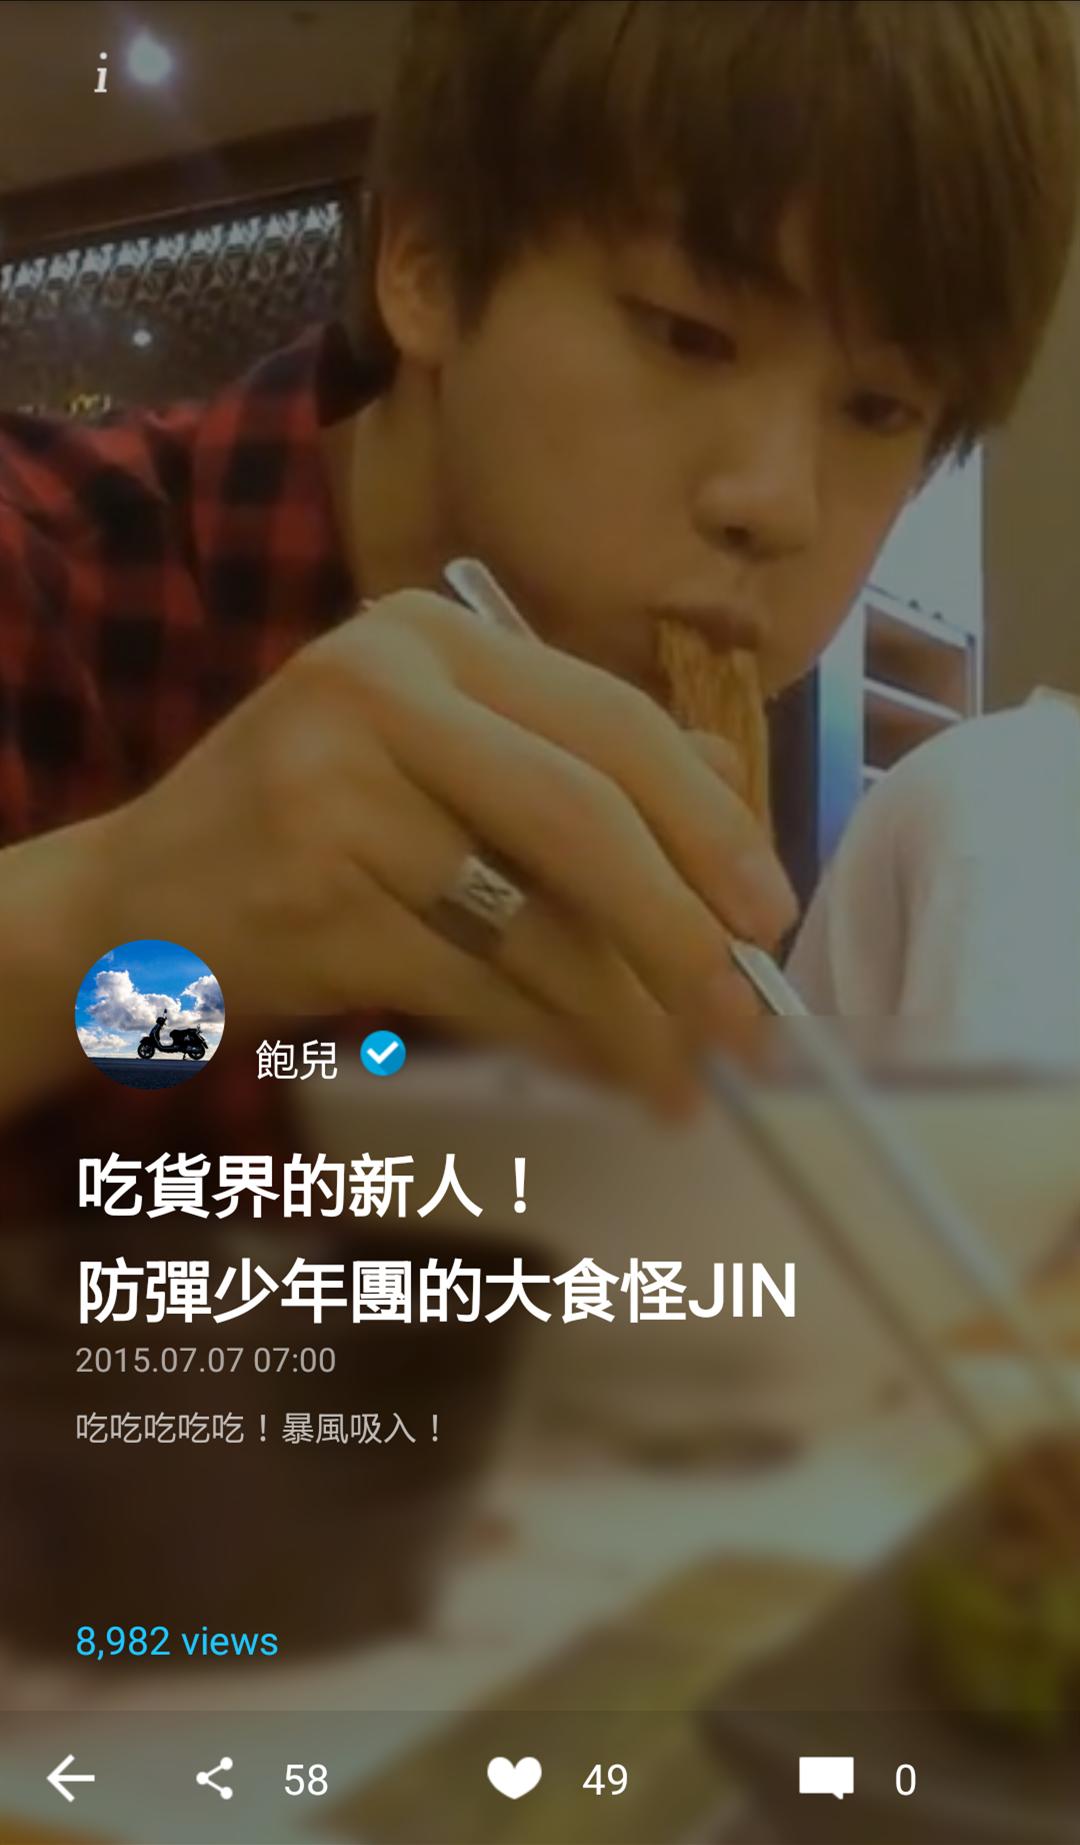 不久之前防彈少年團成員JIN的「吃的放送」讓大家驚豔了嗎?不管在韓國,或是台灣,這篇文章都受到大家的熱烈歡迎~因此JIN「吃的放送」第二彈又出爐拉!